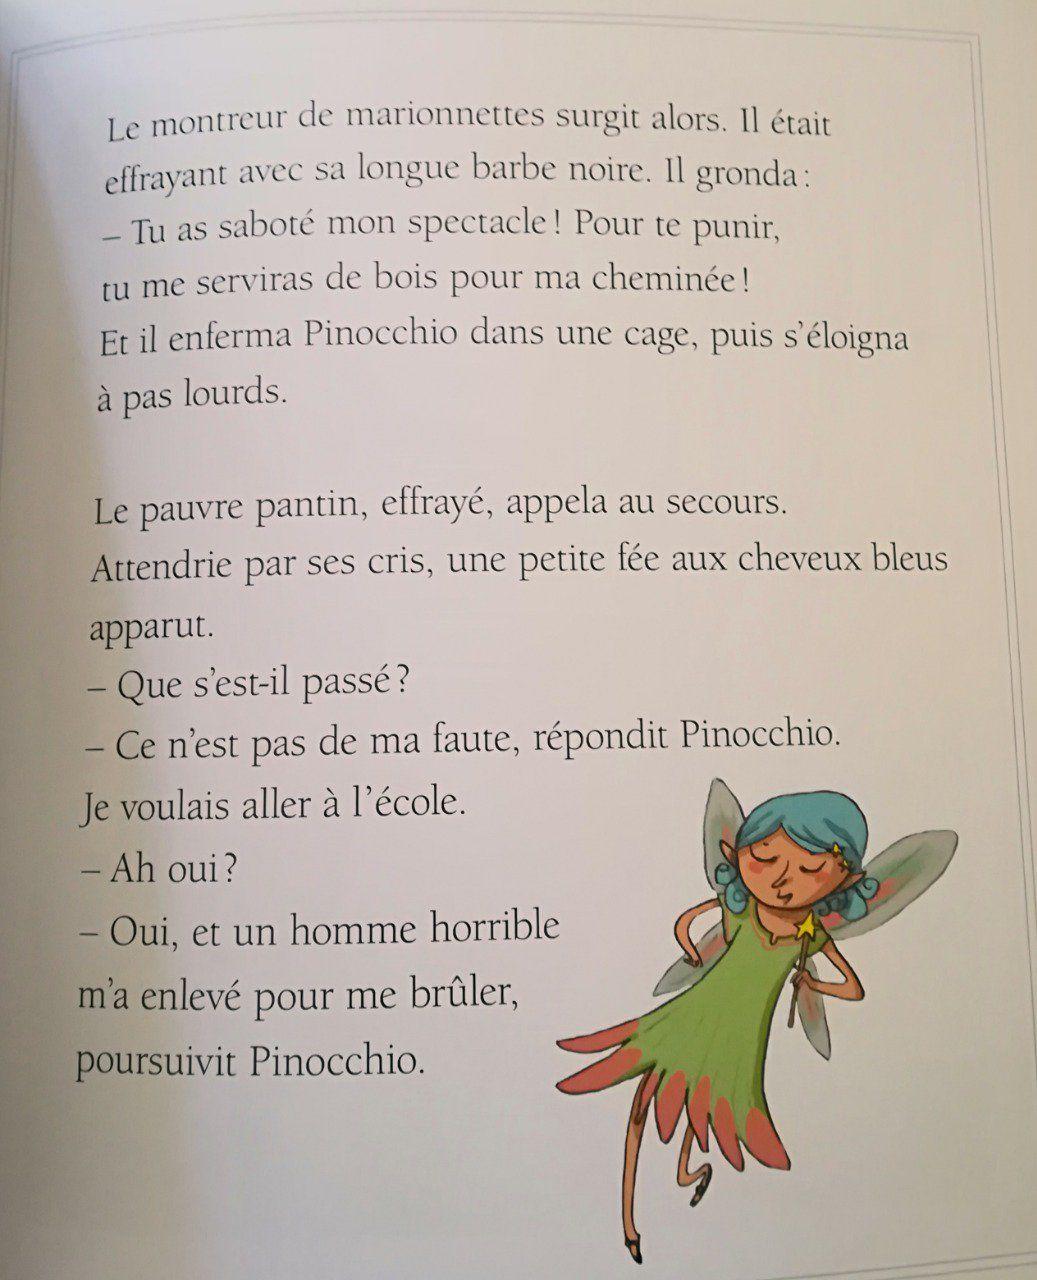 Montreur De Marionnettes Dans Pinocchio : montreur, marionnettes, pinocchio, Pinocchio, Teteenlire